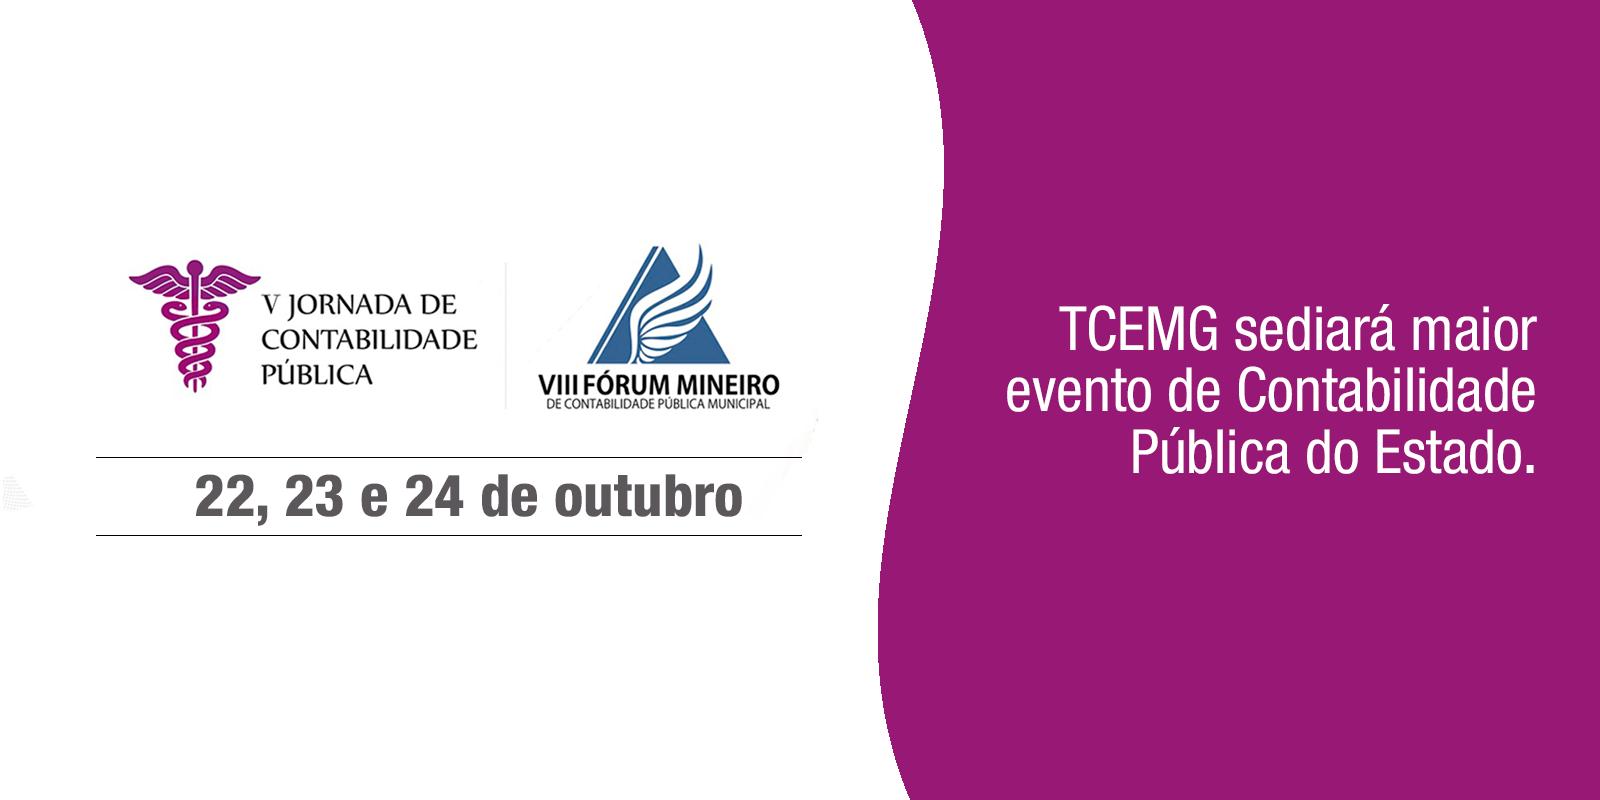 TCEMG sediará maior evento de Contabilidade Pública do Estado